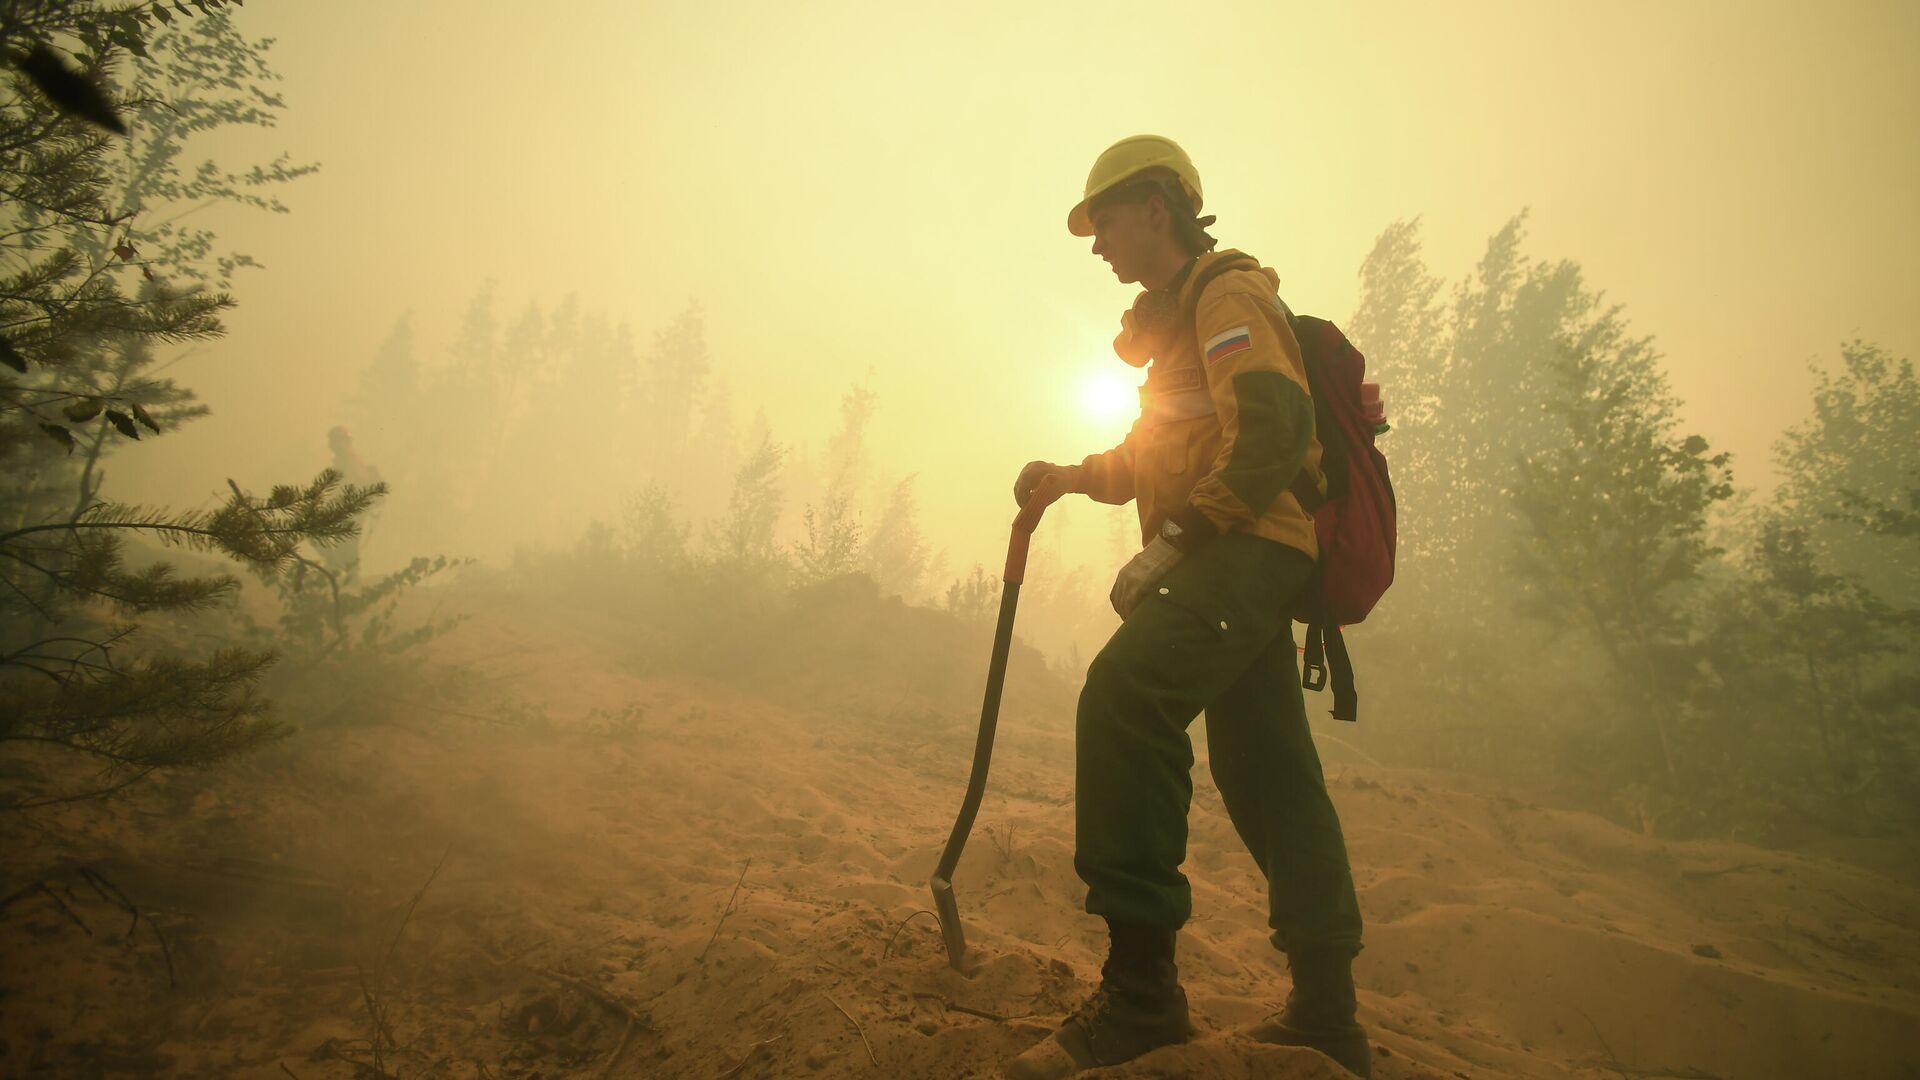 В Якутии за сутки потушили десять природных пожаров